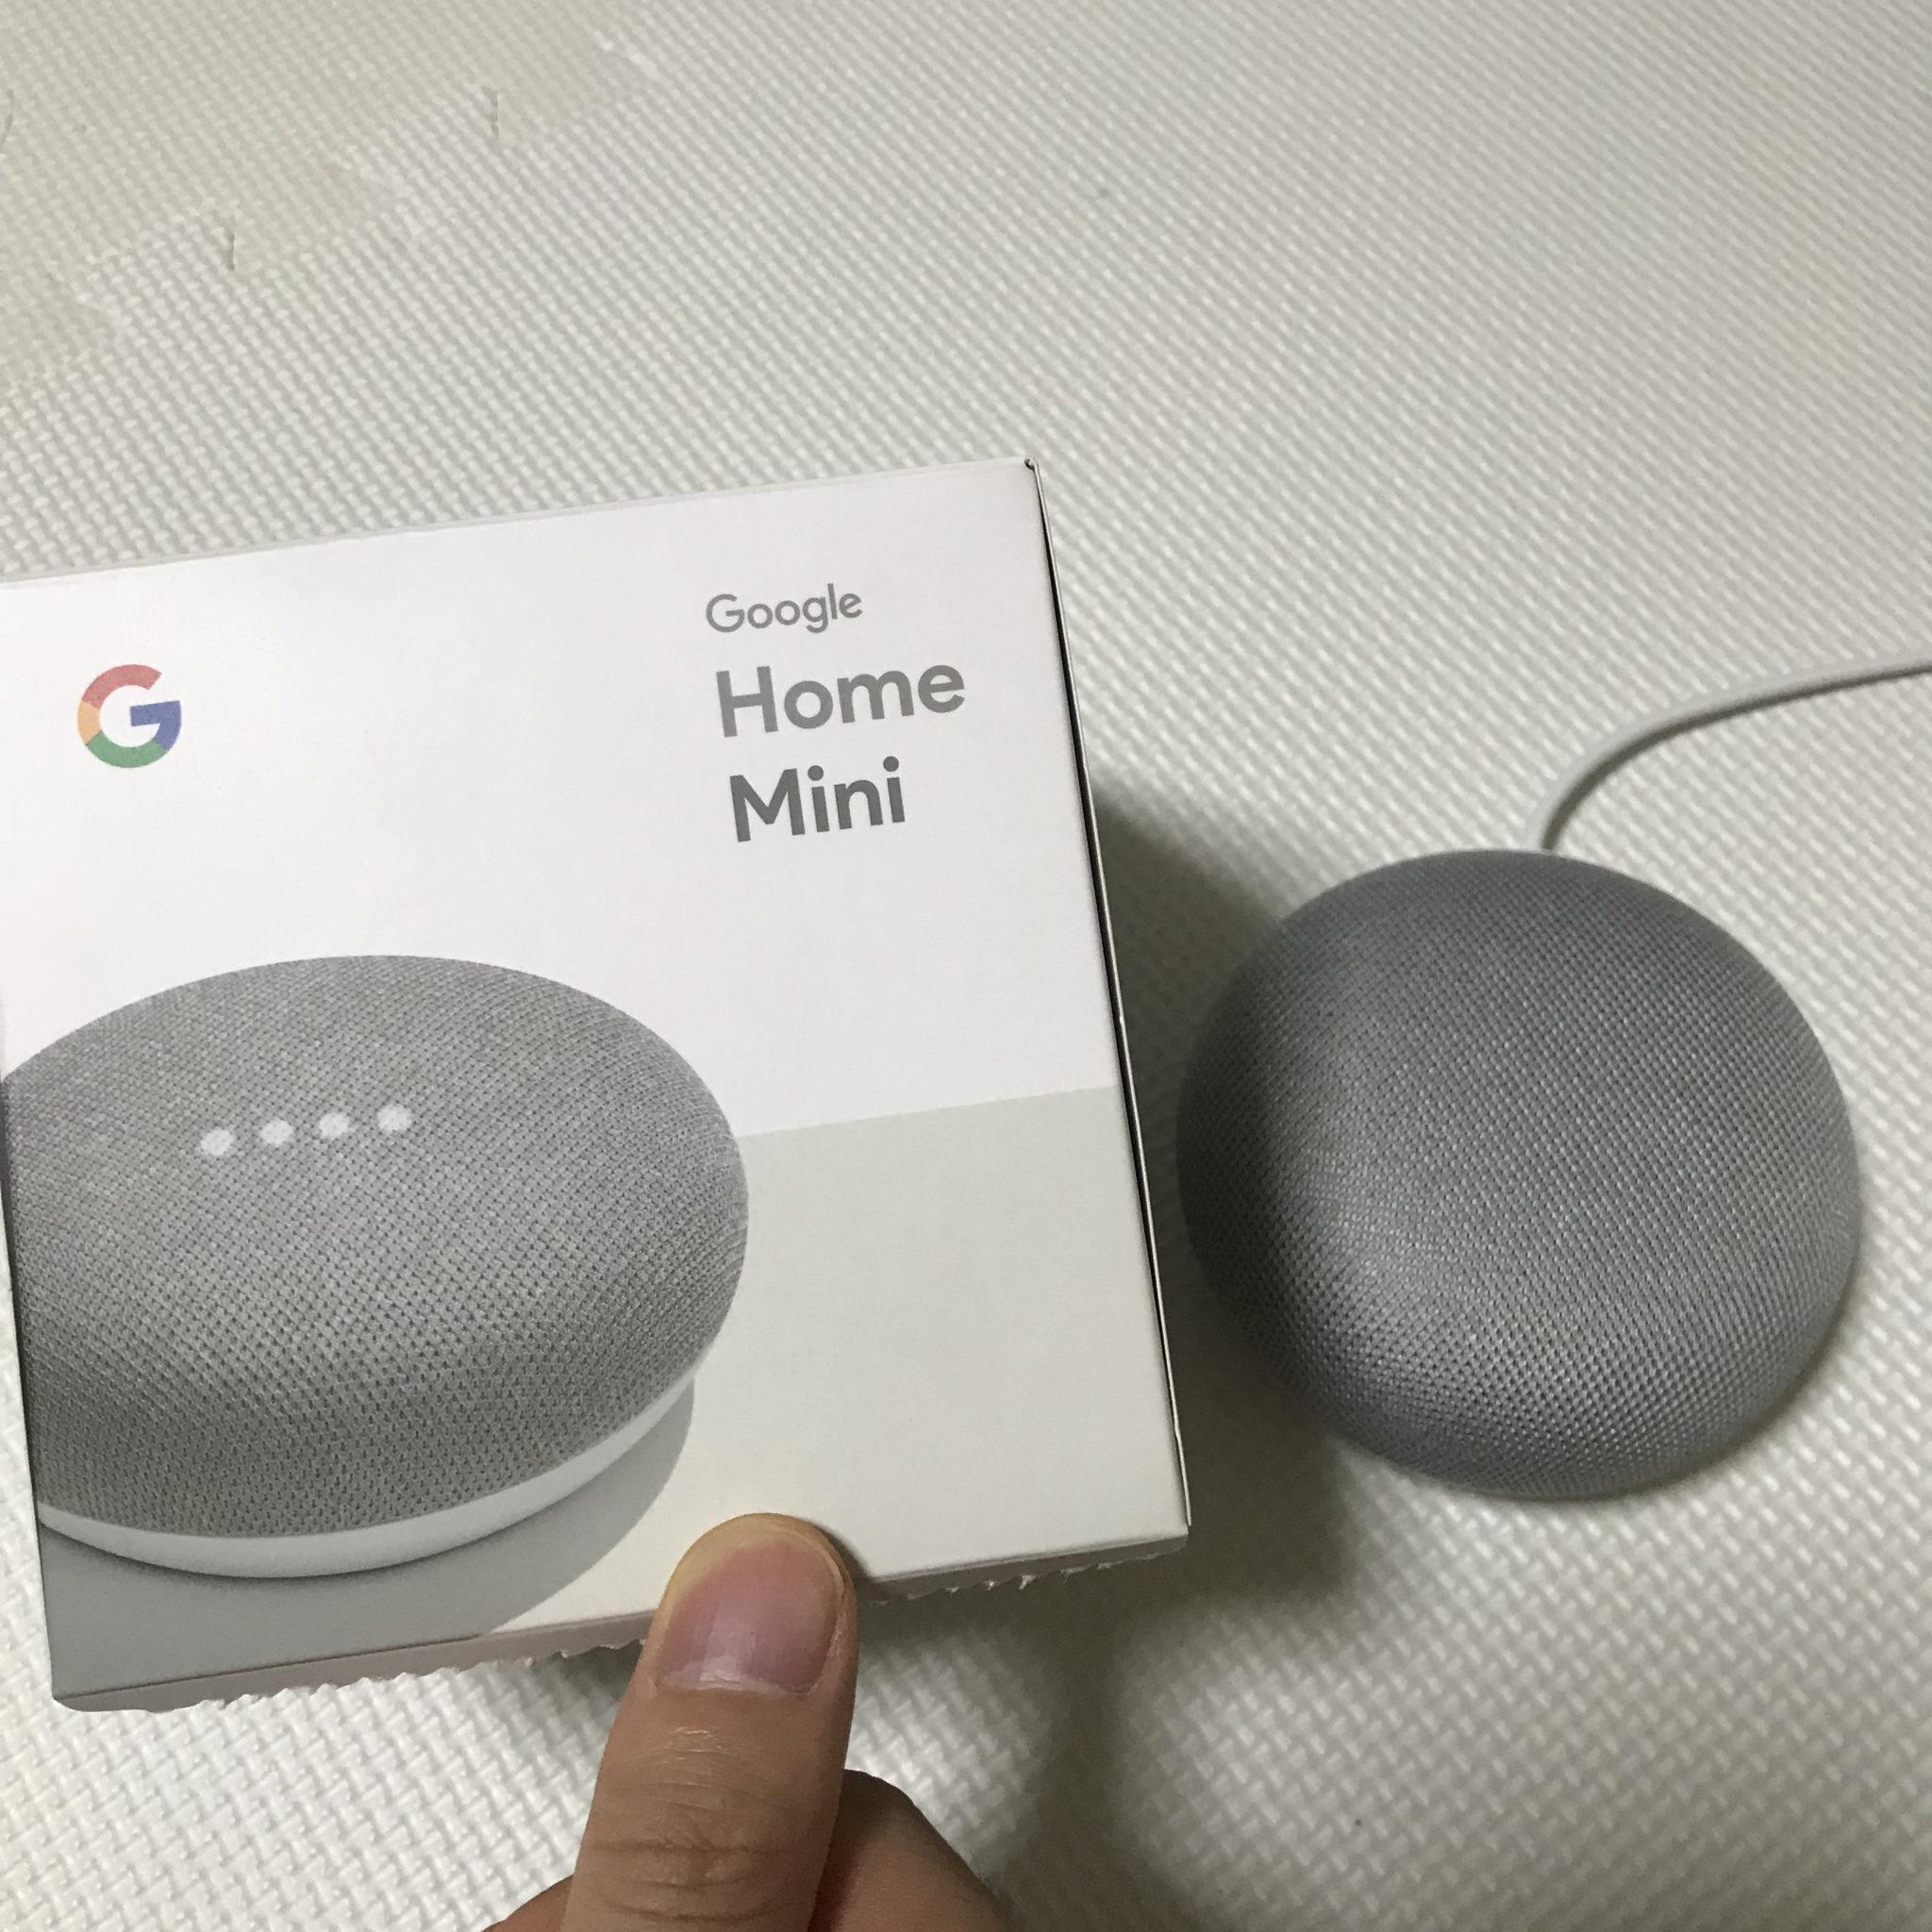 スマートスピーカーとして人気急上昇中のGoogle Homeは色々と便利な機能が沢山!